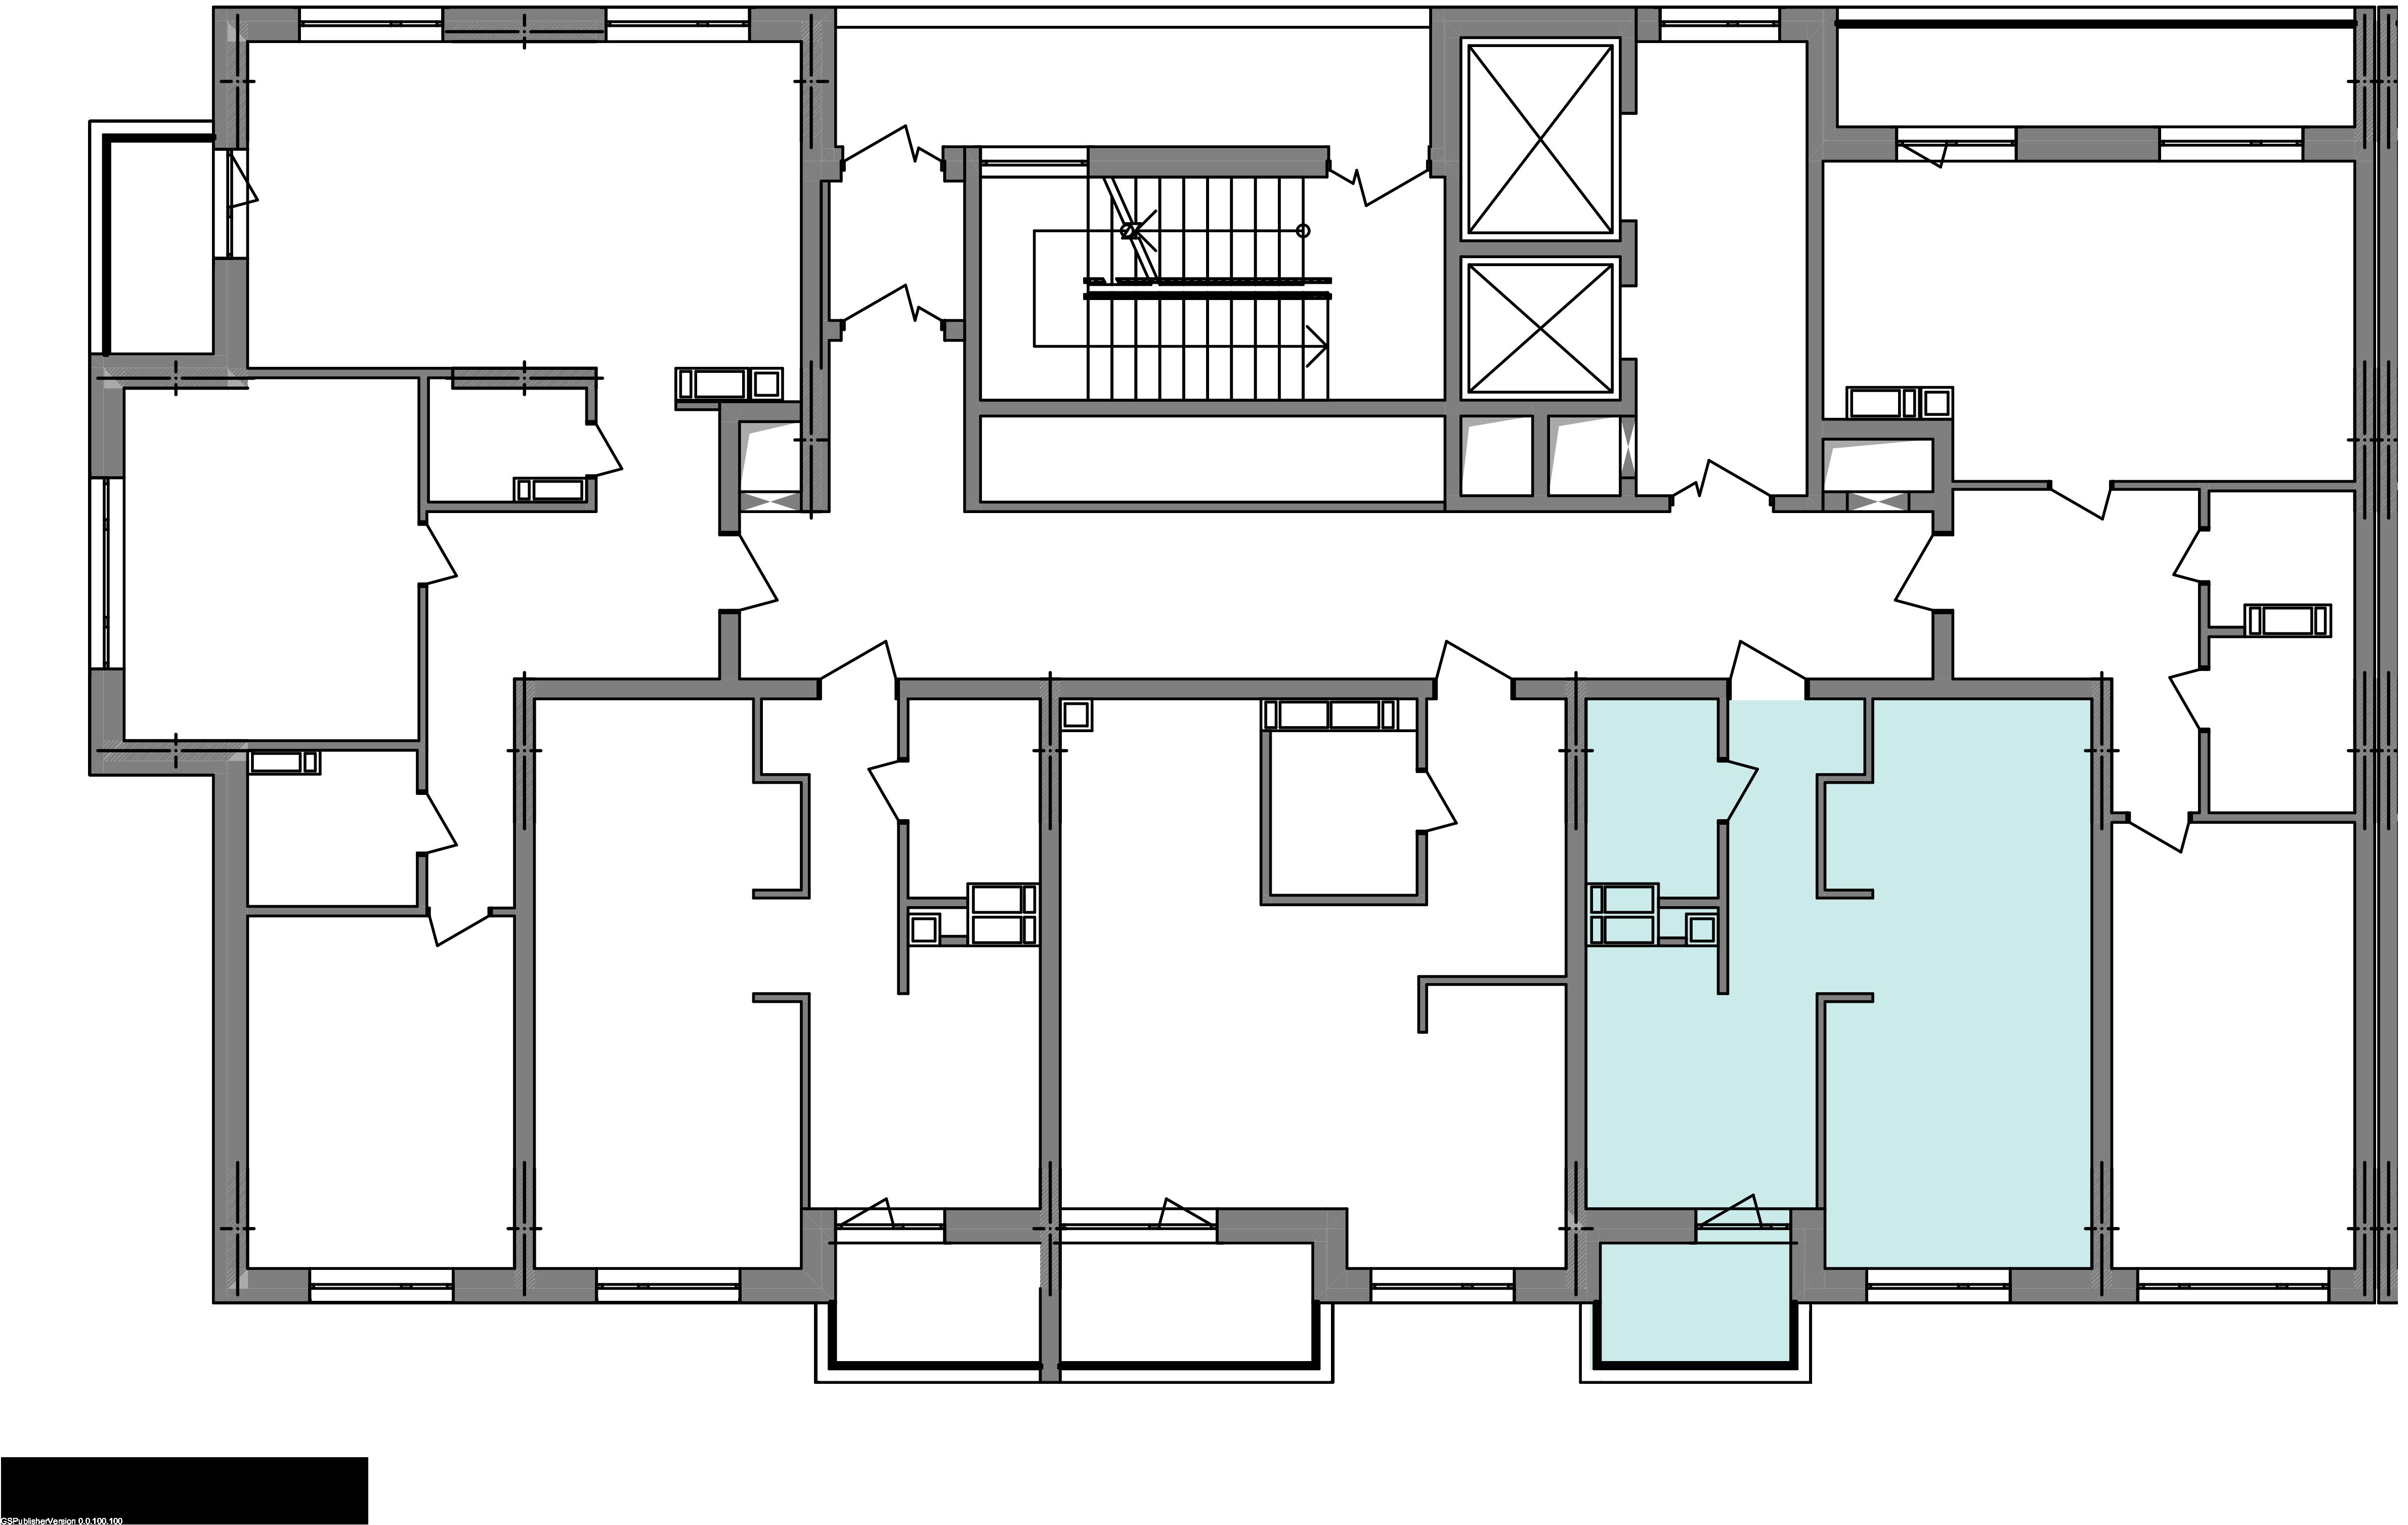 Однокімнатна квартира 40,84 кв.м., тип 1.1, будинок 3 секція 1 розташування на поверсі